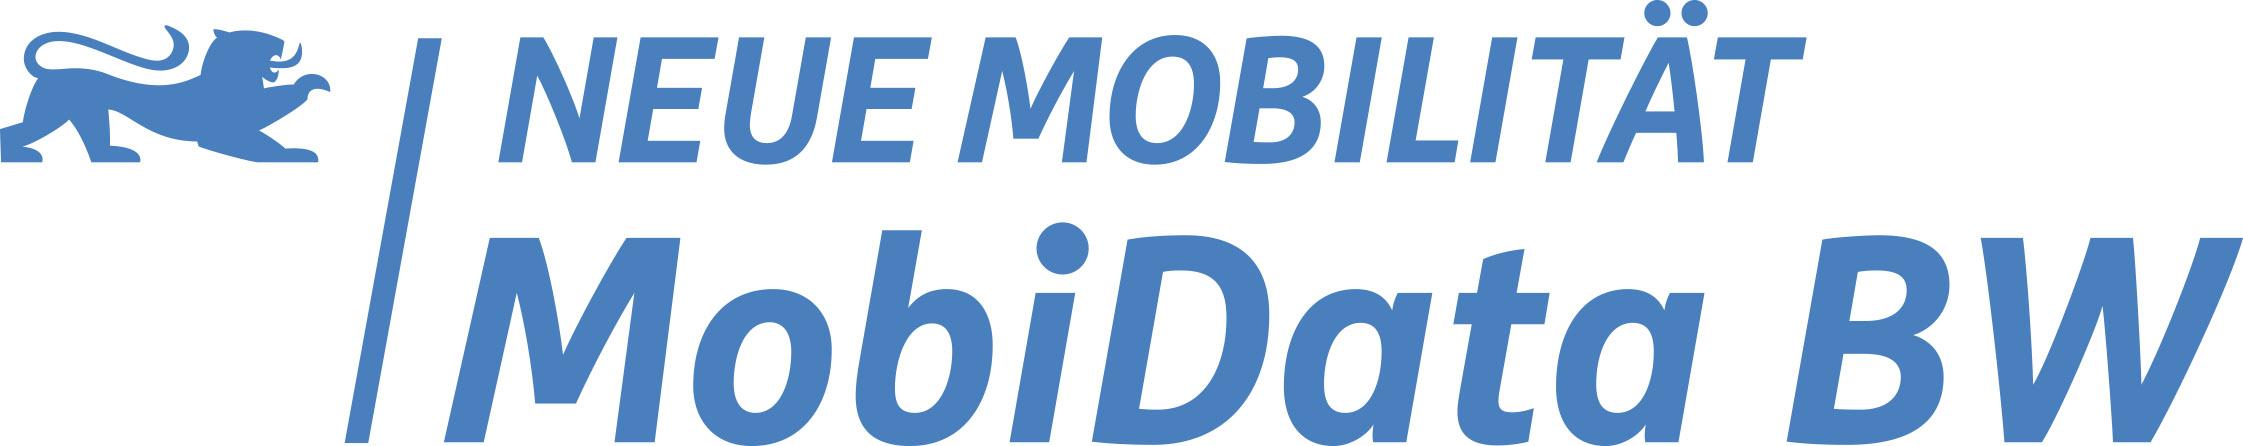 Logo Neue Mobilität MobiData BW